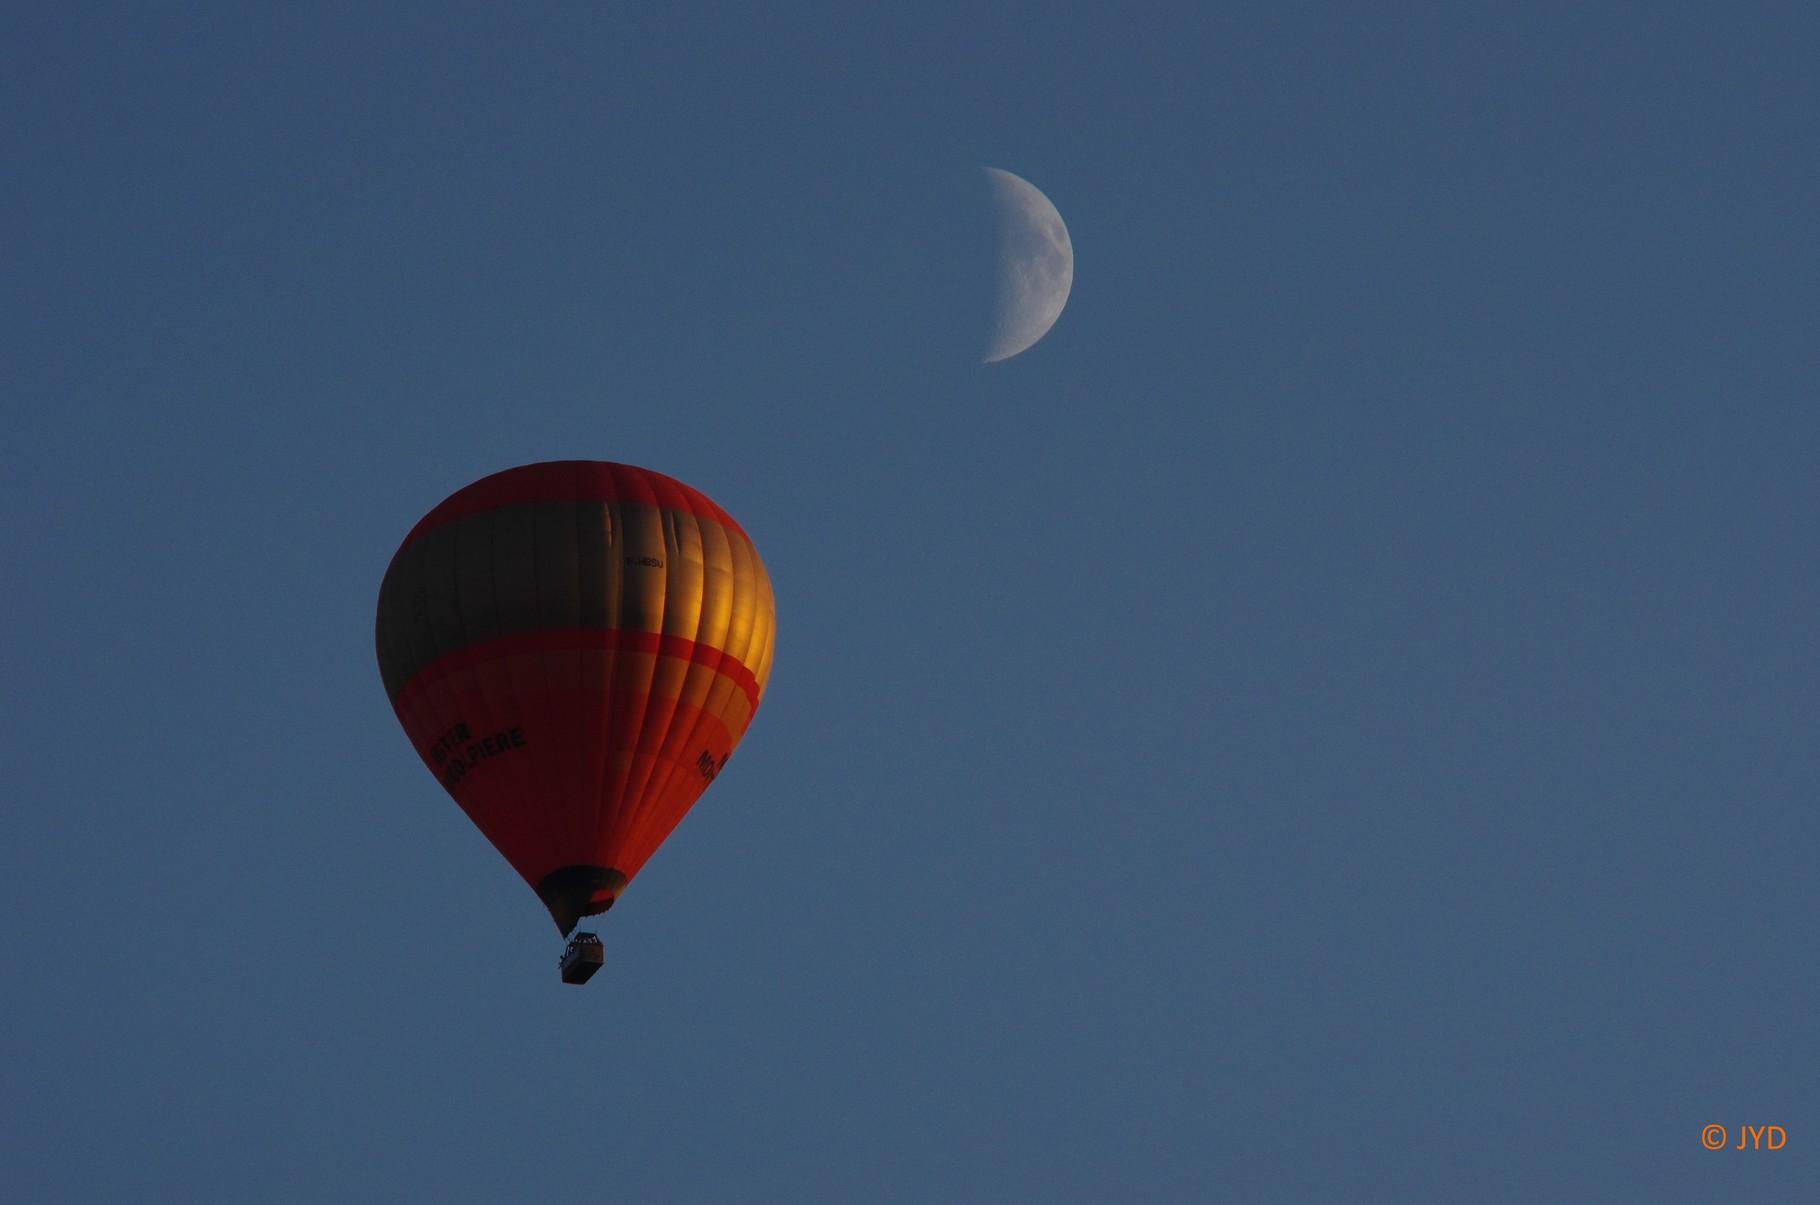 Quand les pilotes veulent toucher la lune...24 août 2015 - (Jean Yves)